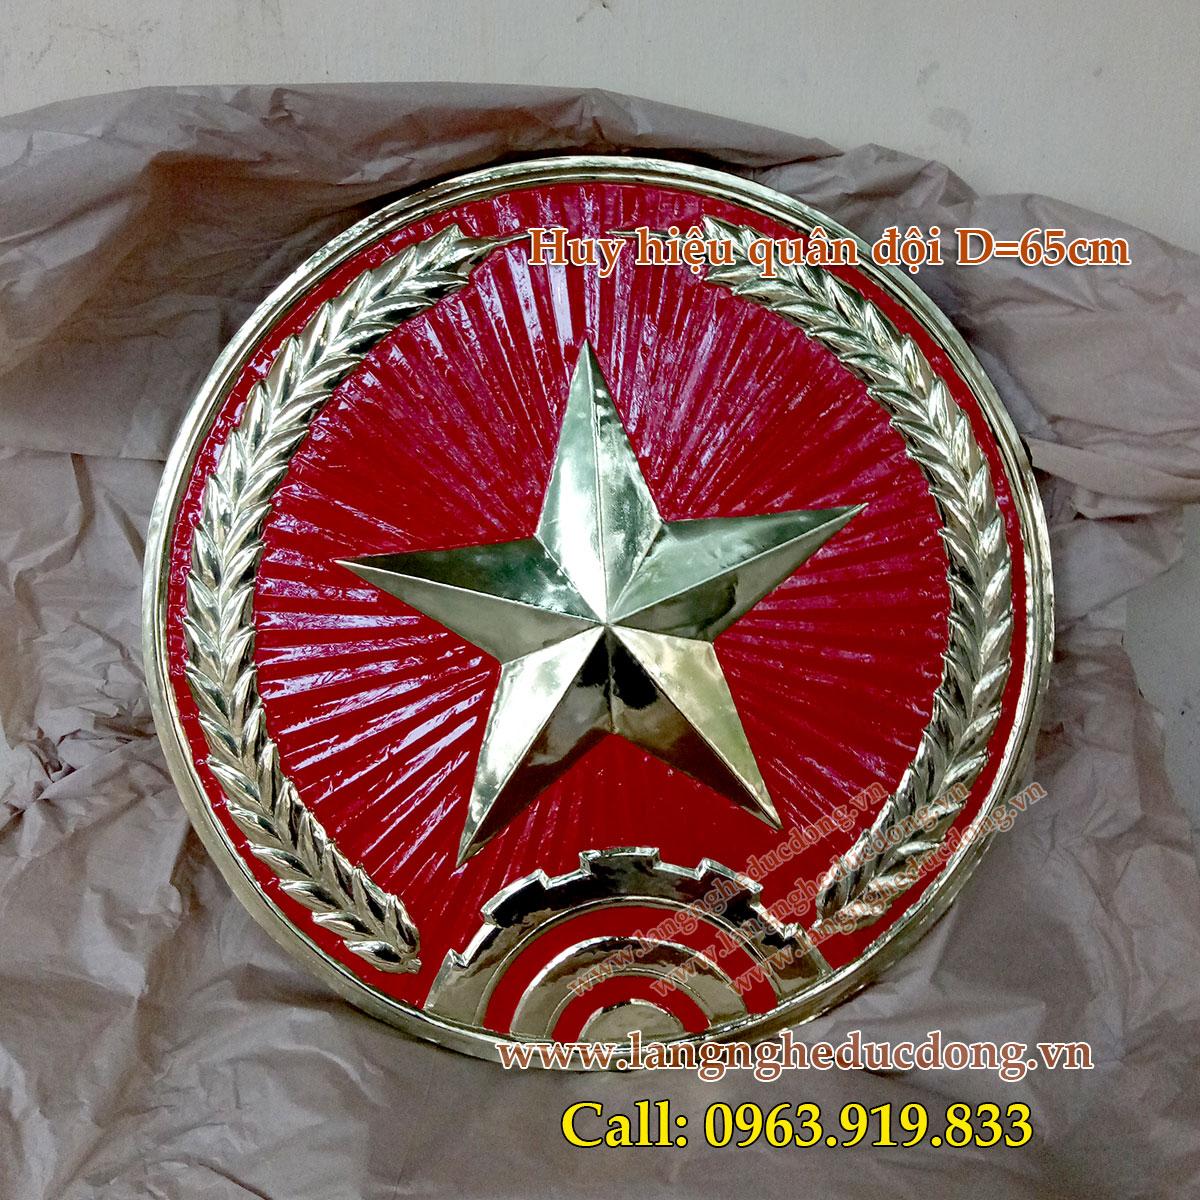 langngheducdong.vn - huy hiệu, quốc huy, quân hiệu bằng đồng, logo huy hiệu, logo công an